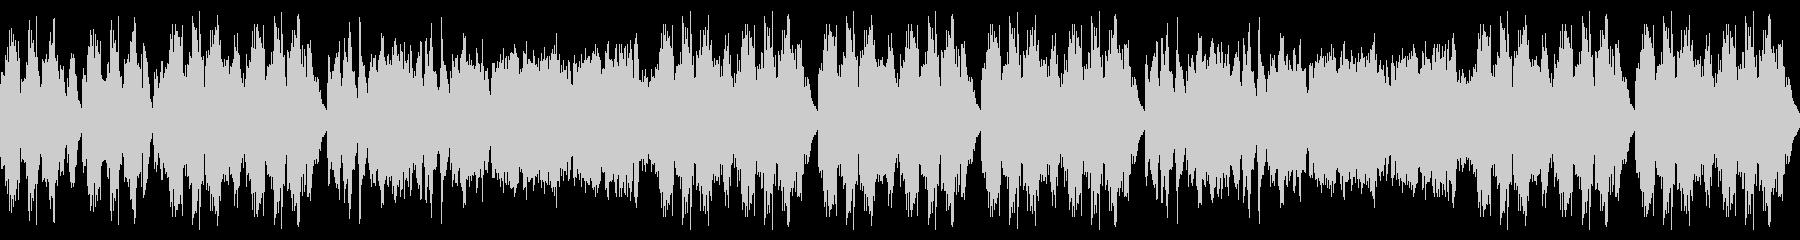 泣きのピアノの幻想的なBGMです。の未再生の波形